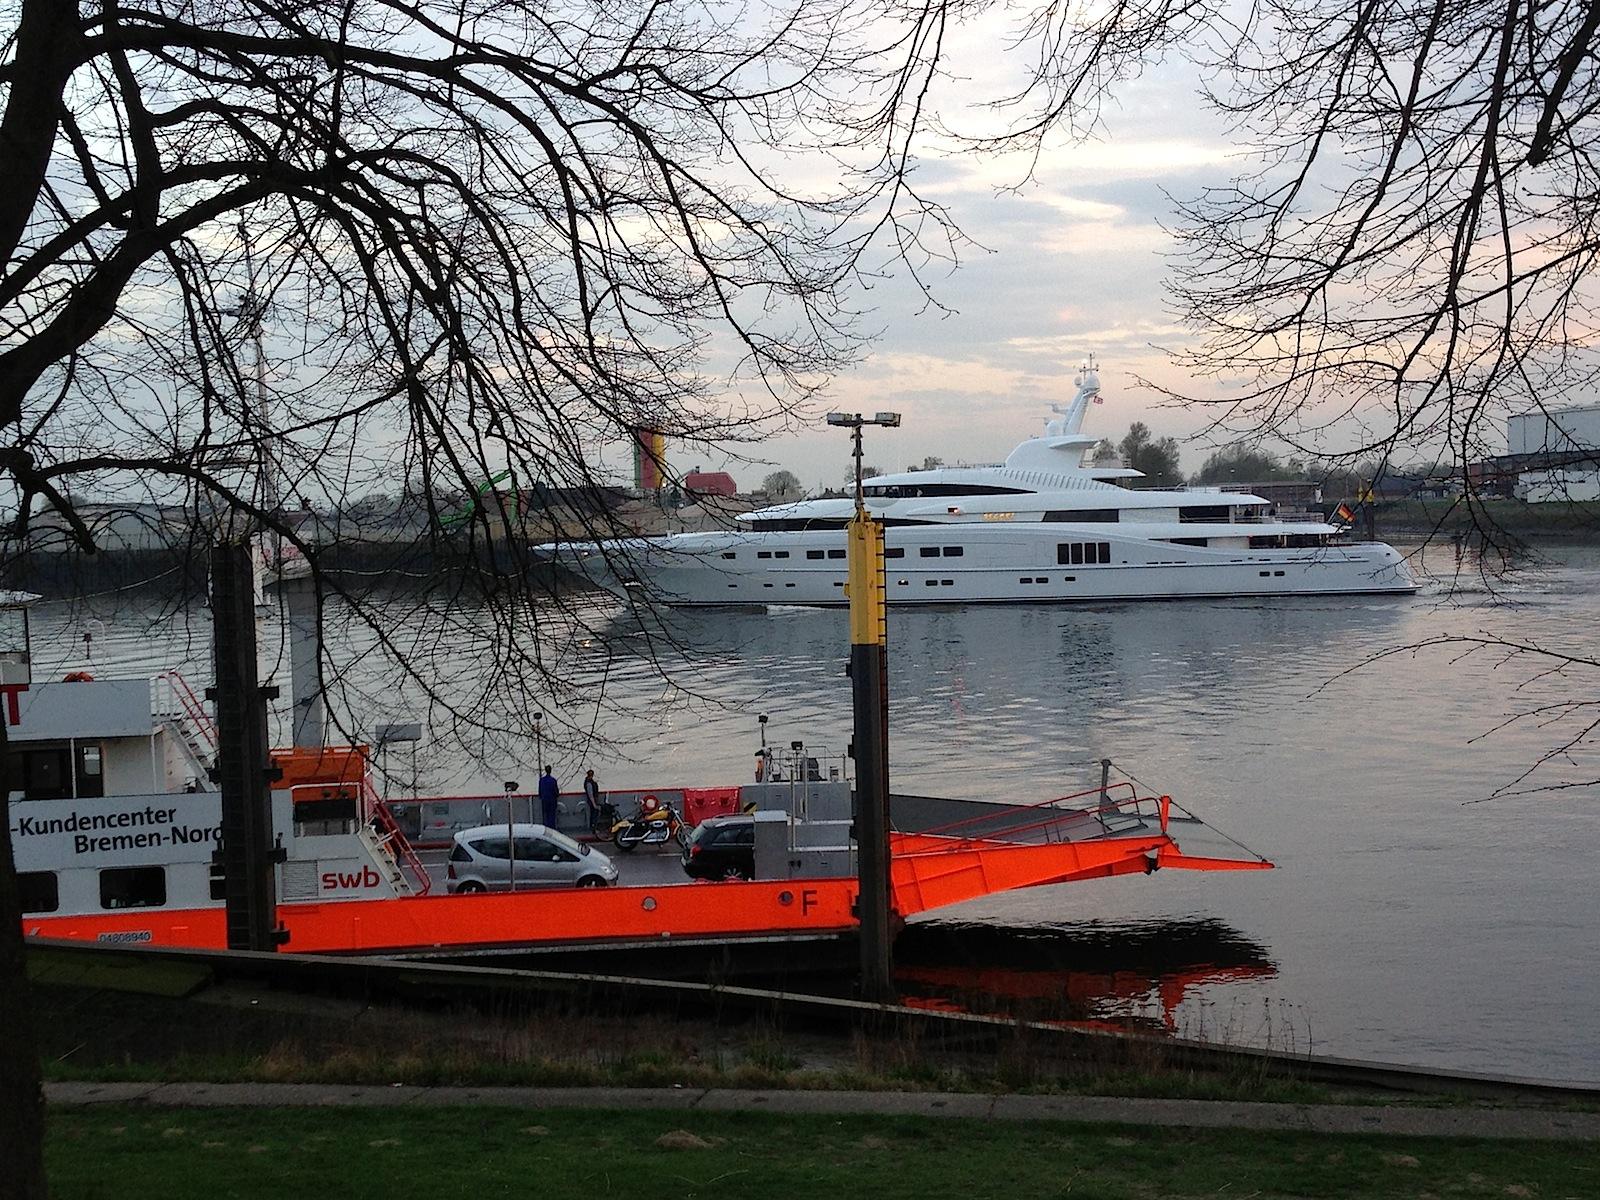 Bremen-Blumenthals maritimes Leben: Begegnung von Luxus-Yacht und Fähre (Foto: Thomas Grziwa)